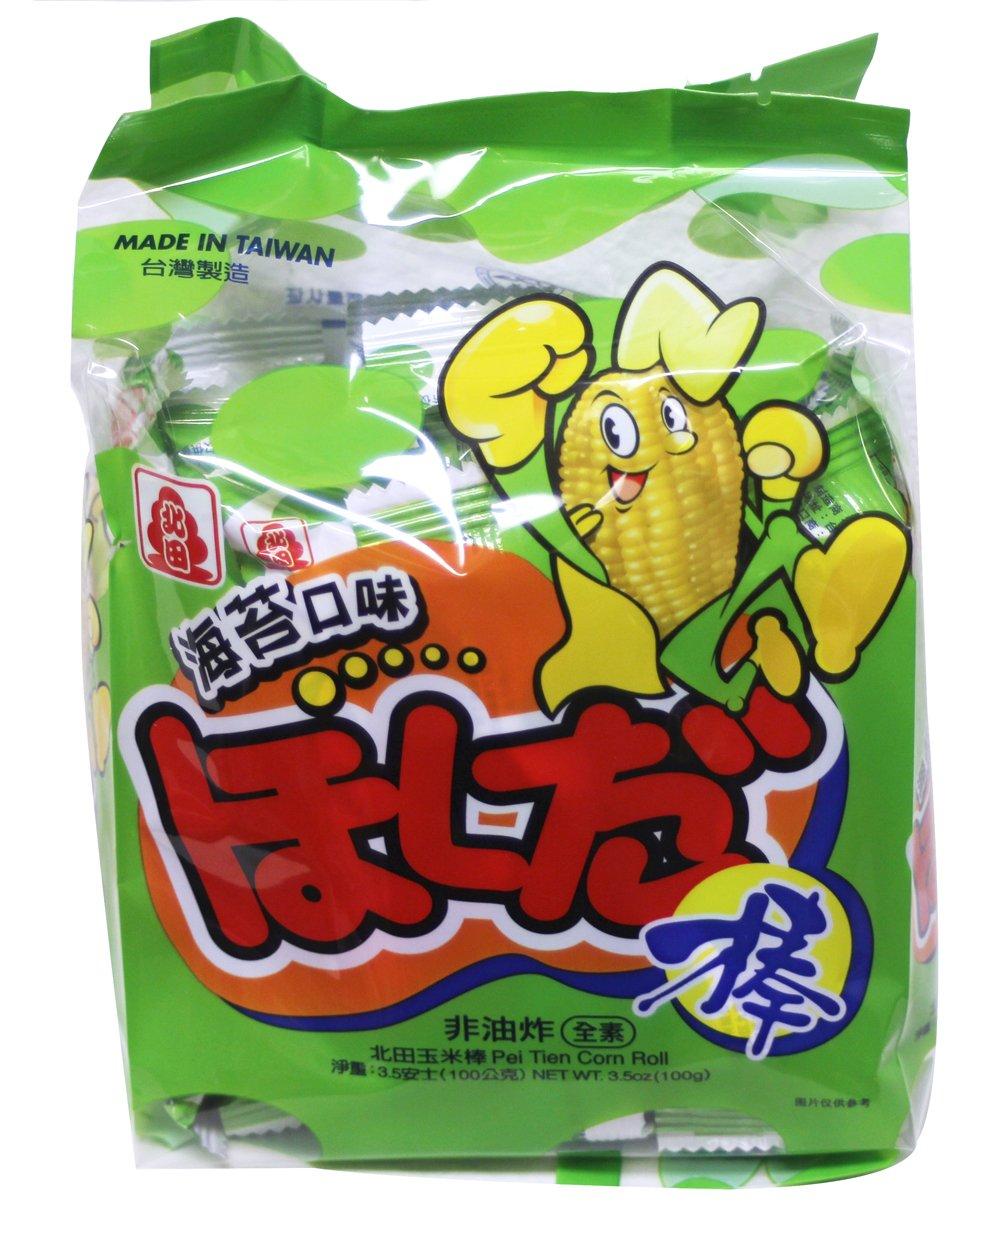 能量棒 All natural Pei Tien Energy Corn roll- Japanese Style Grilled Seaweed Flavor 3.5oz x 4pack